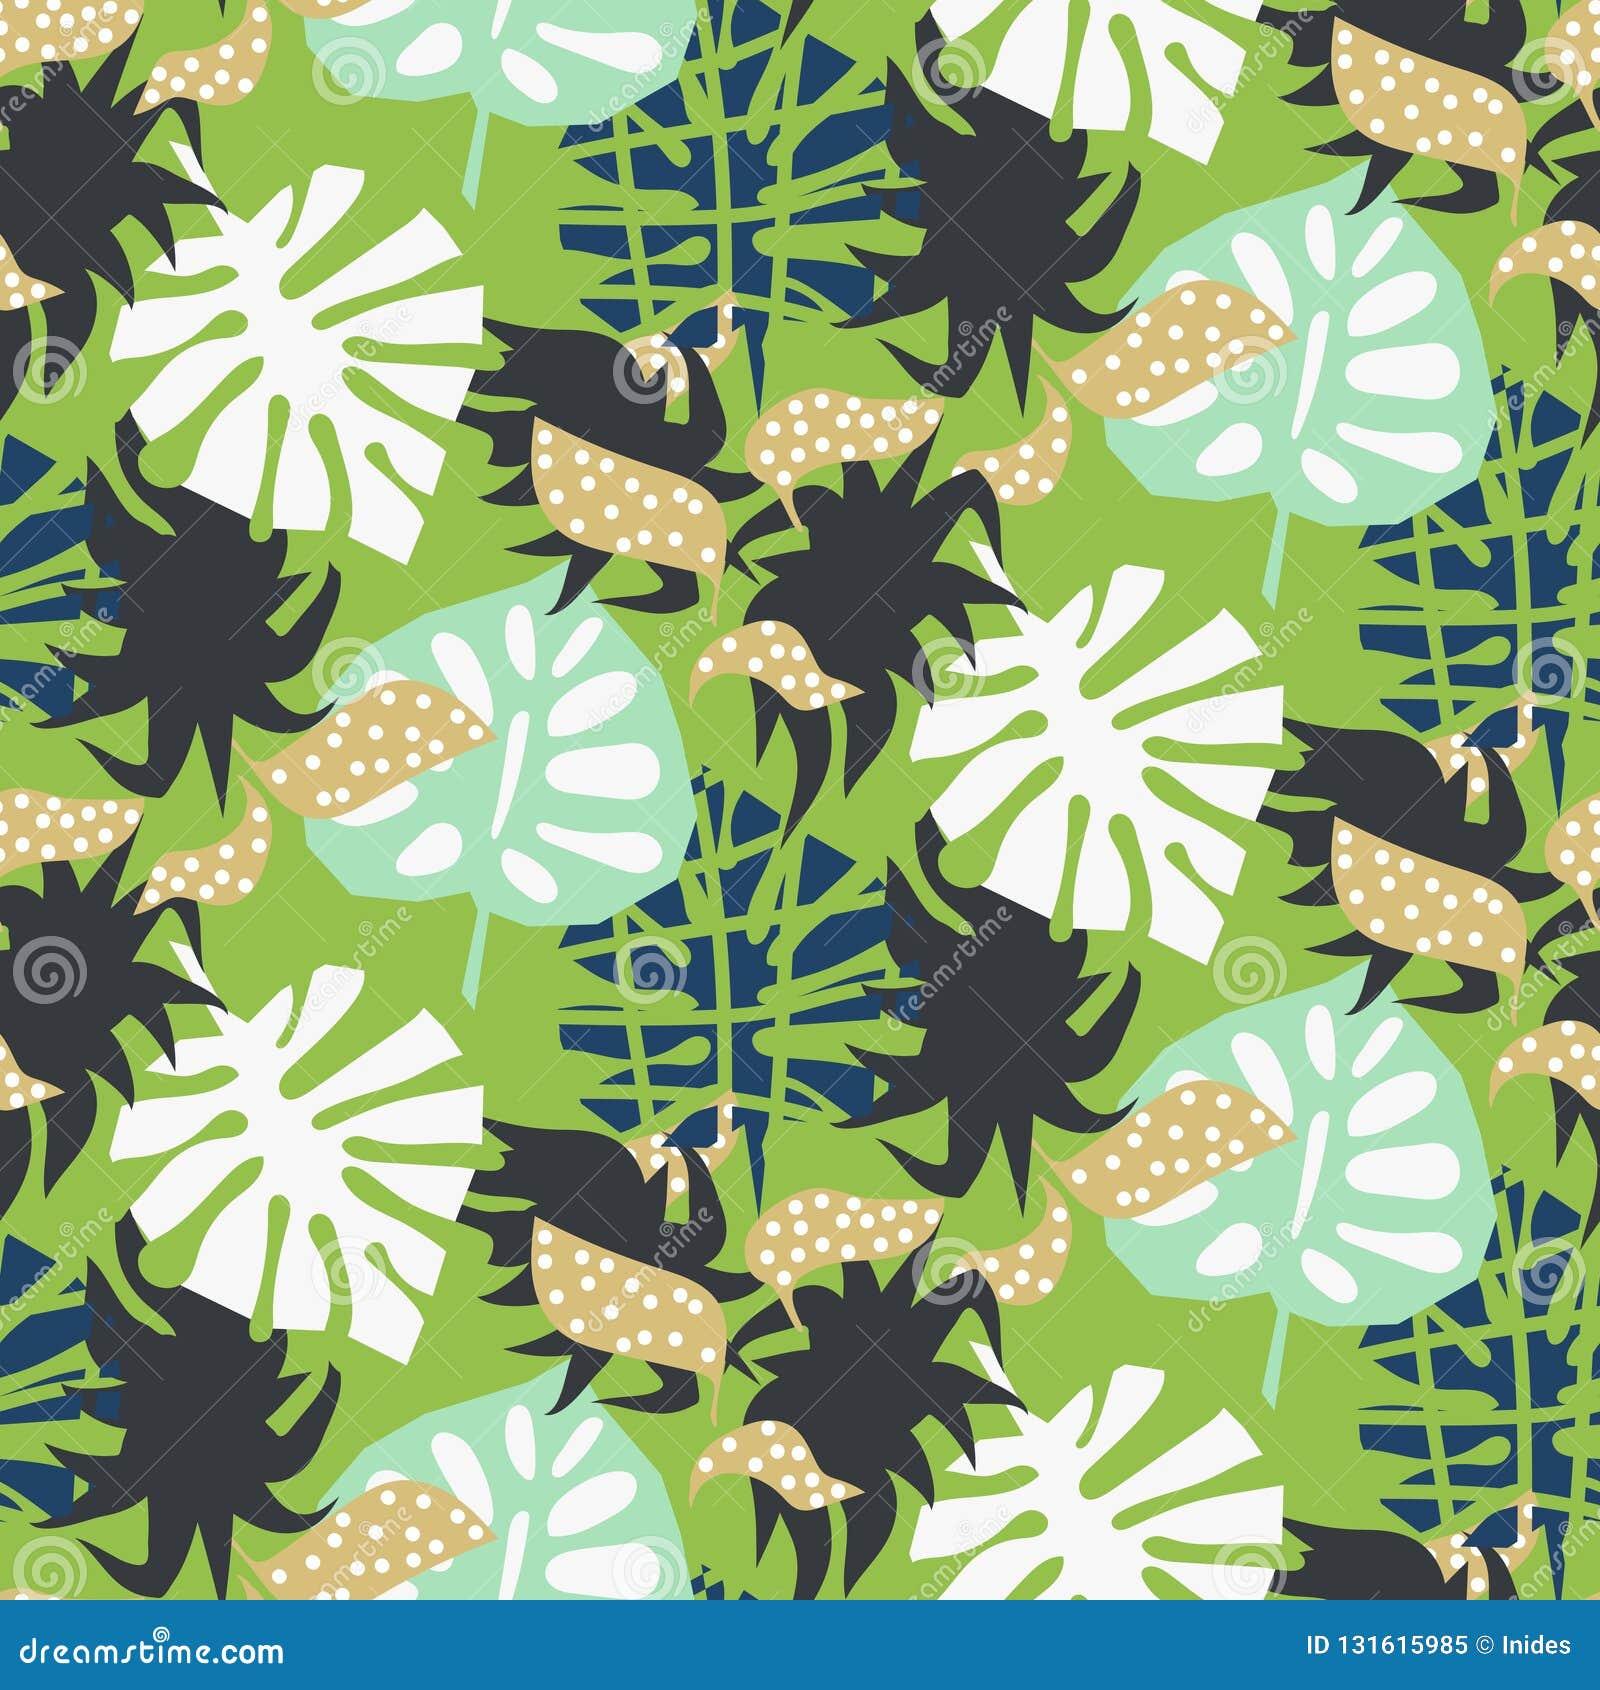 Stile astratto del collage delle foglie esotiche tropicali verdi Modello senza cuciture della stampa della carta da parati e del